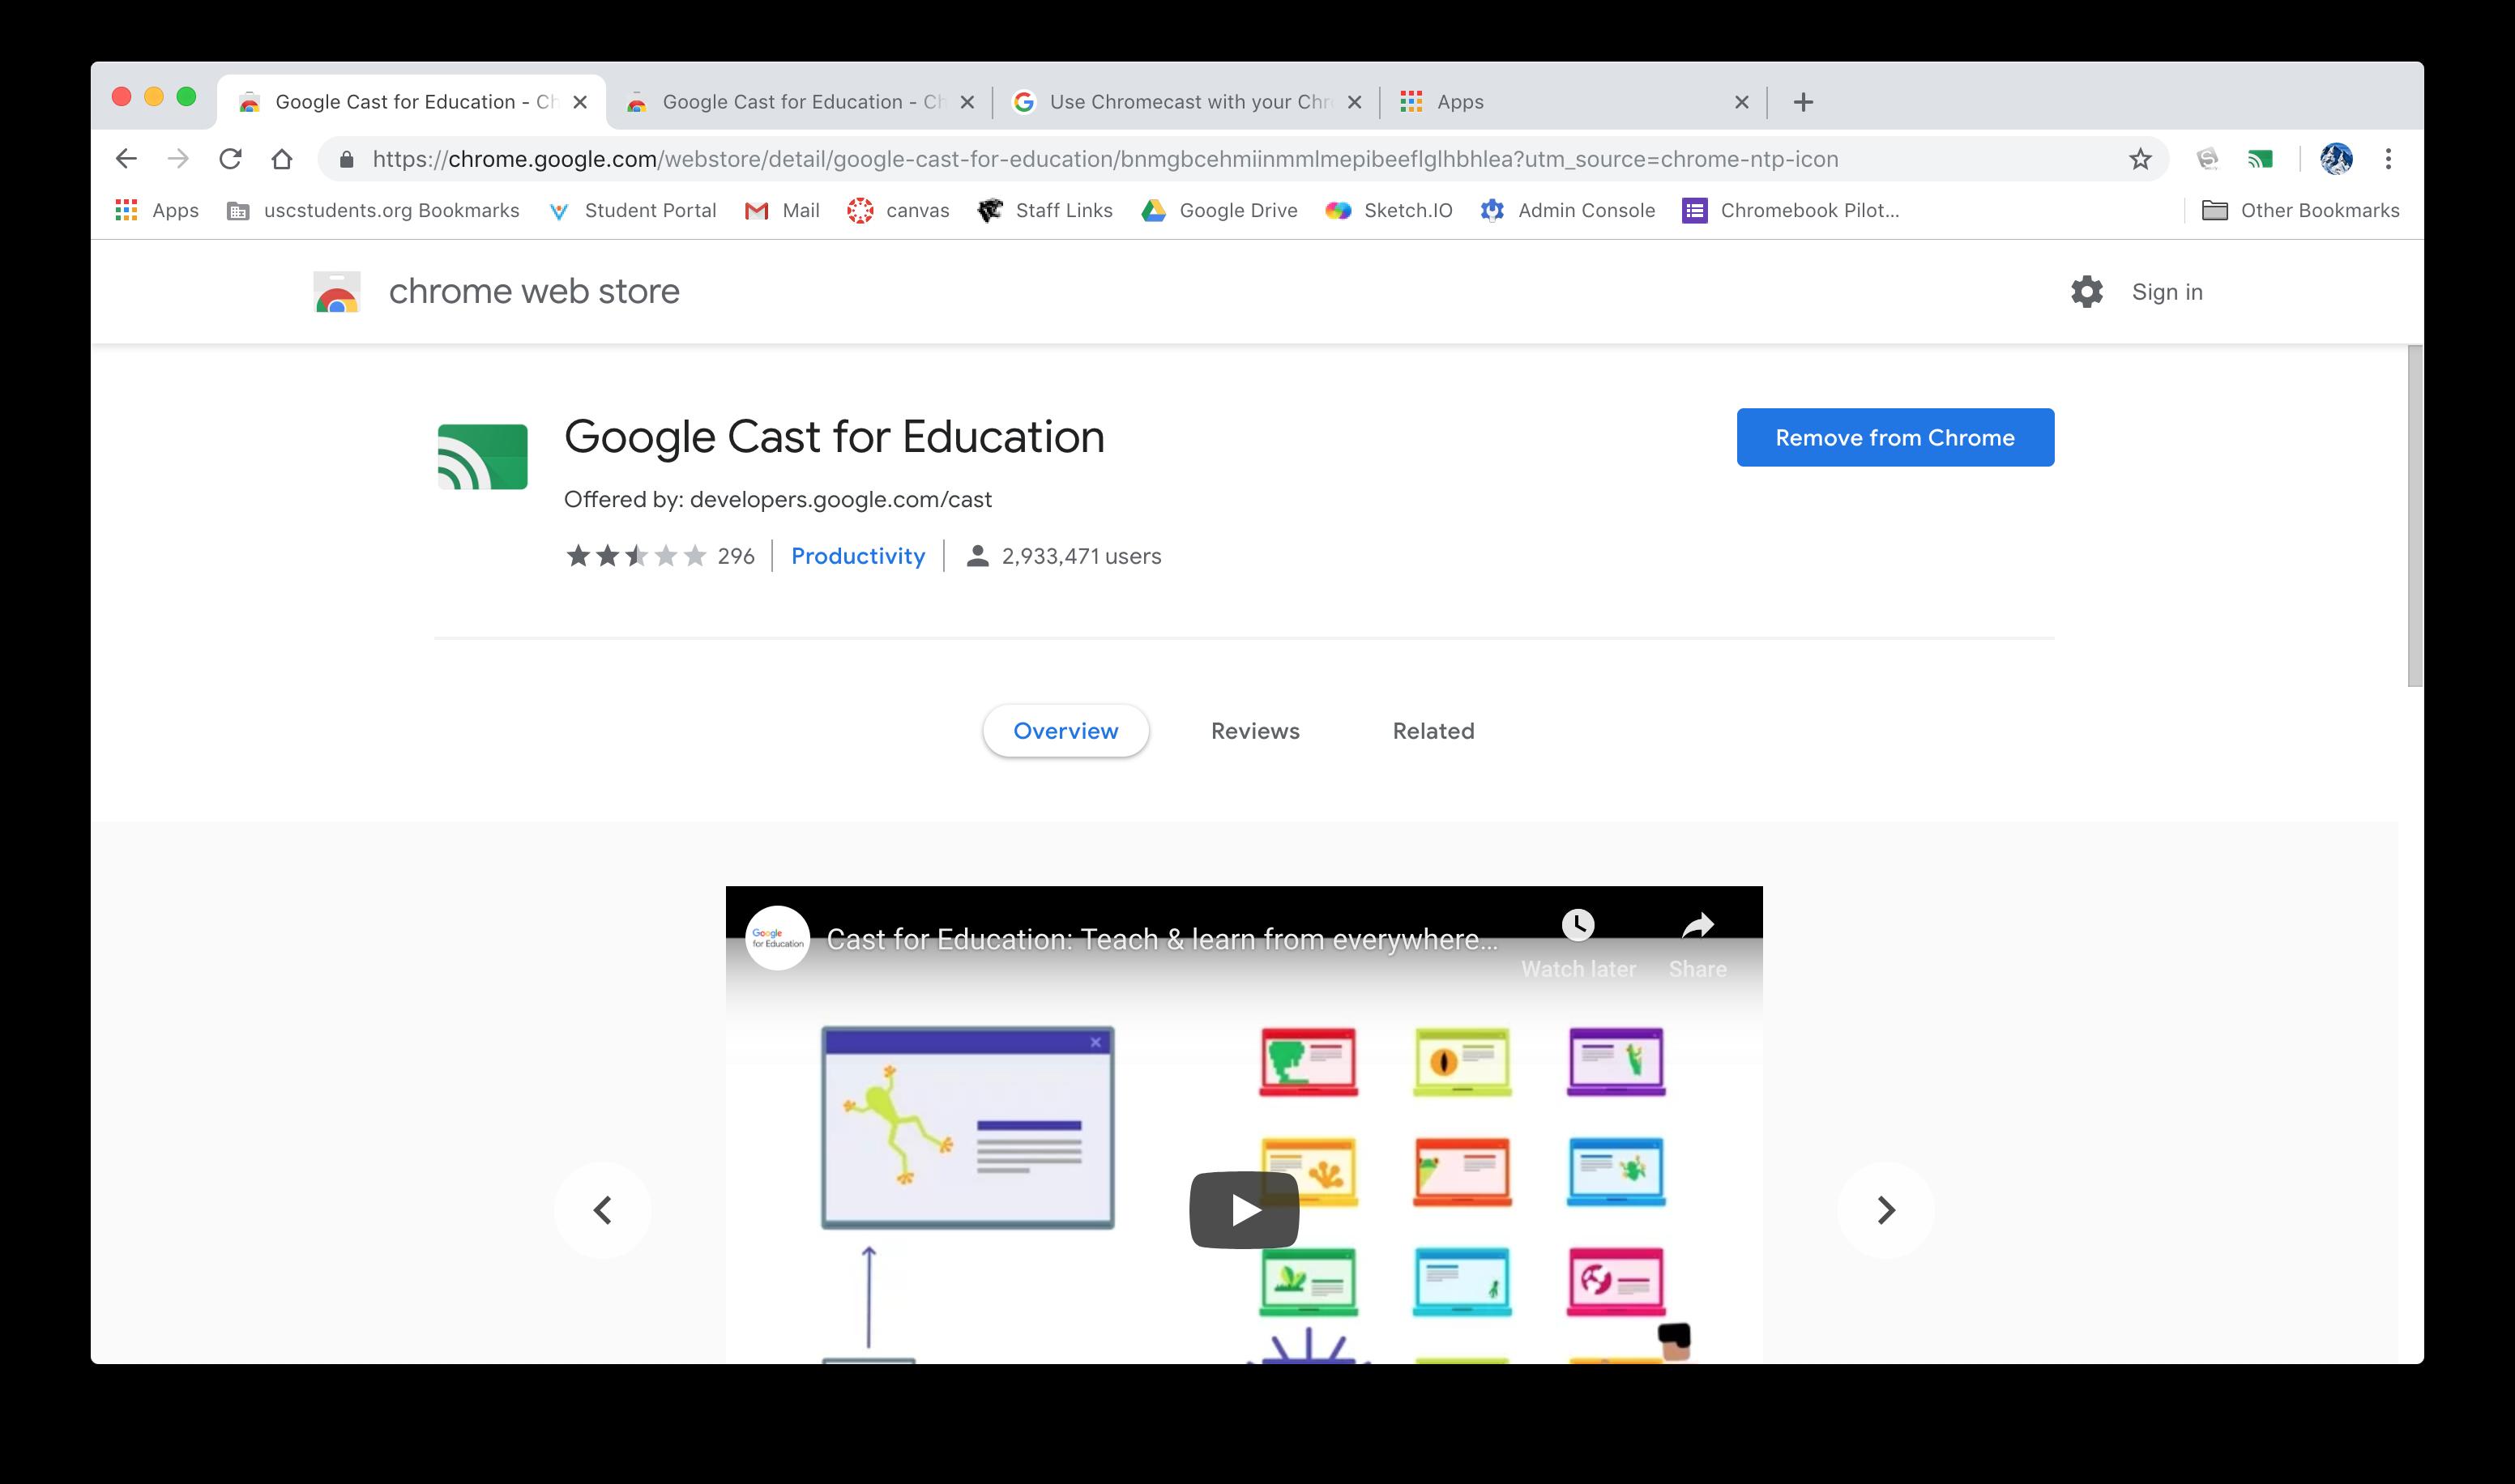 How to Screen Share a Chromebook - Teacher - USCSD Help Desk